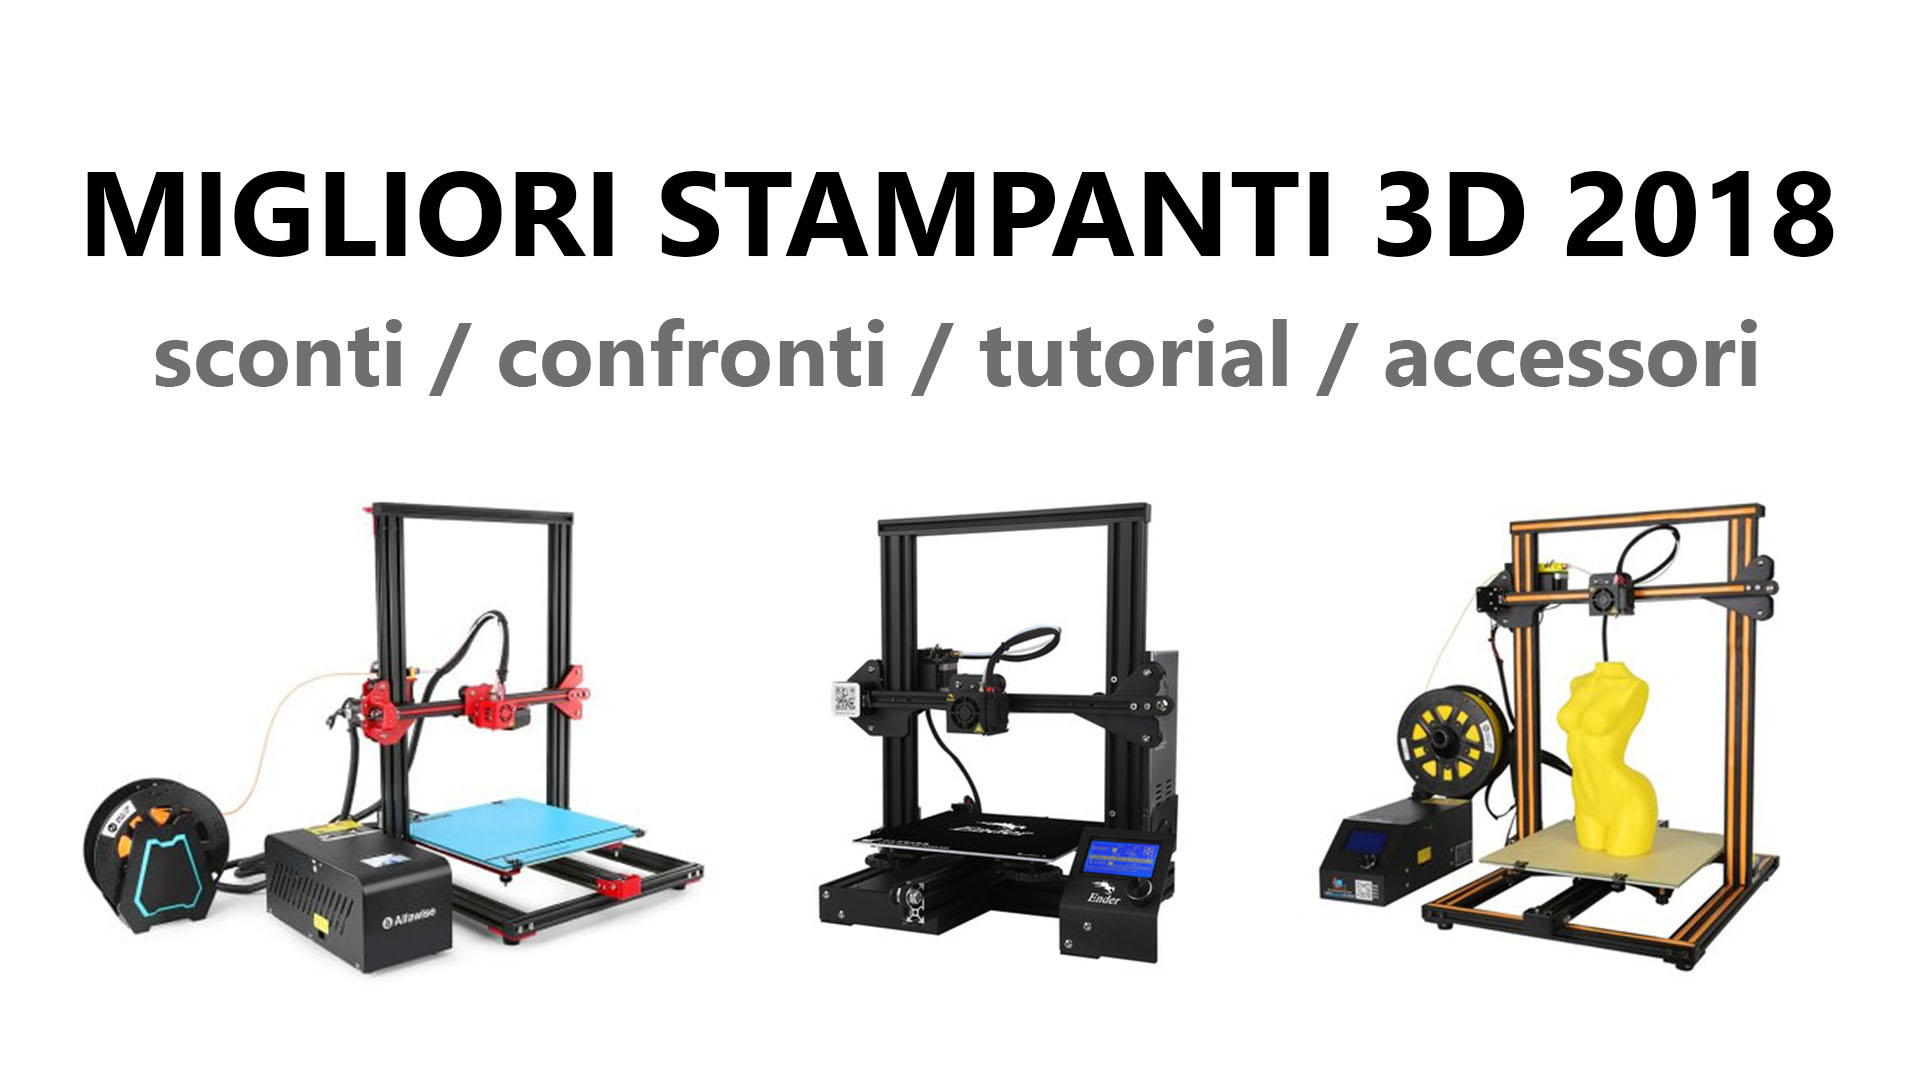 Migliori stampanti 3D 2018